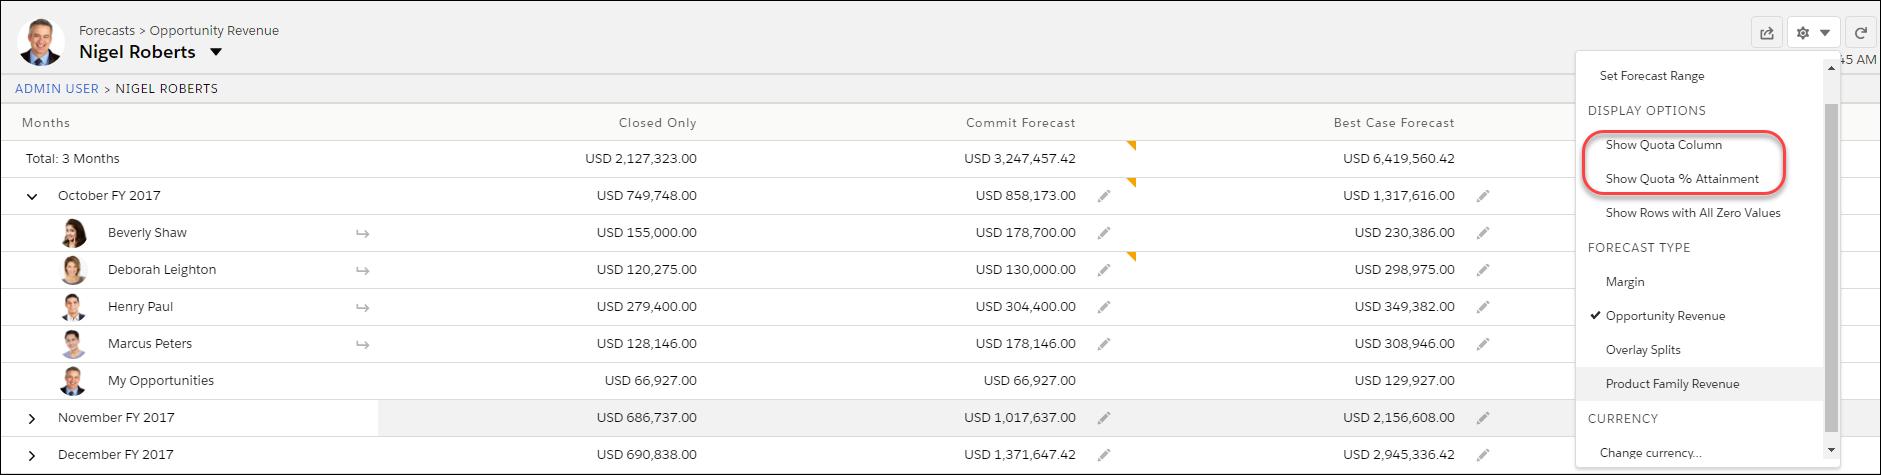 売上予測ページと目標情報の表示オプション